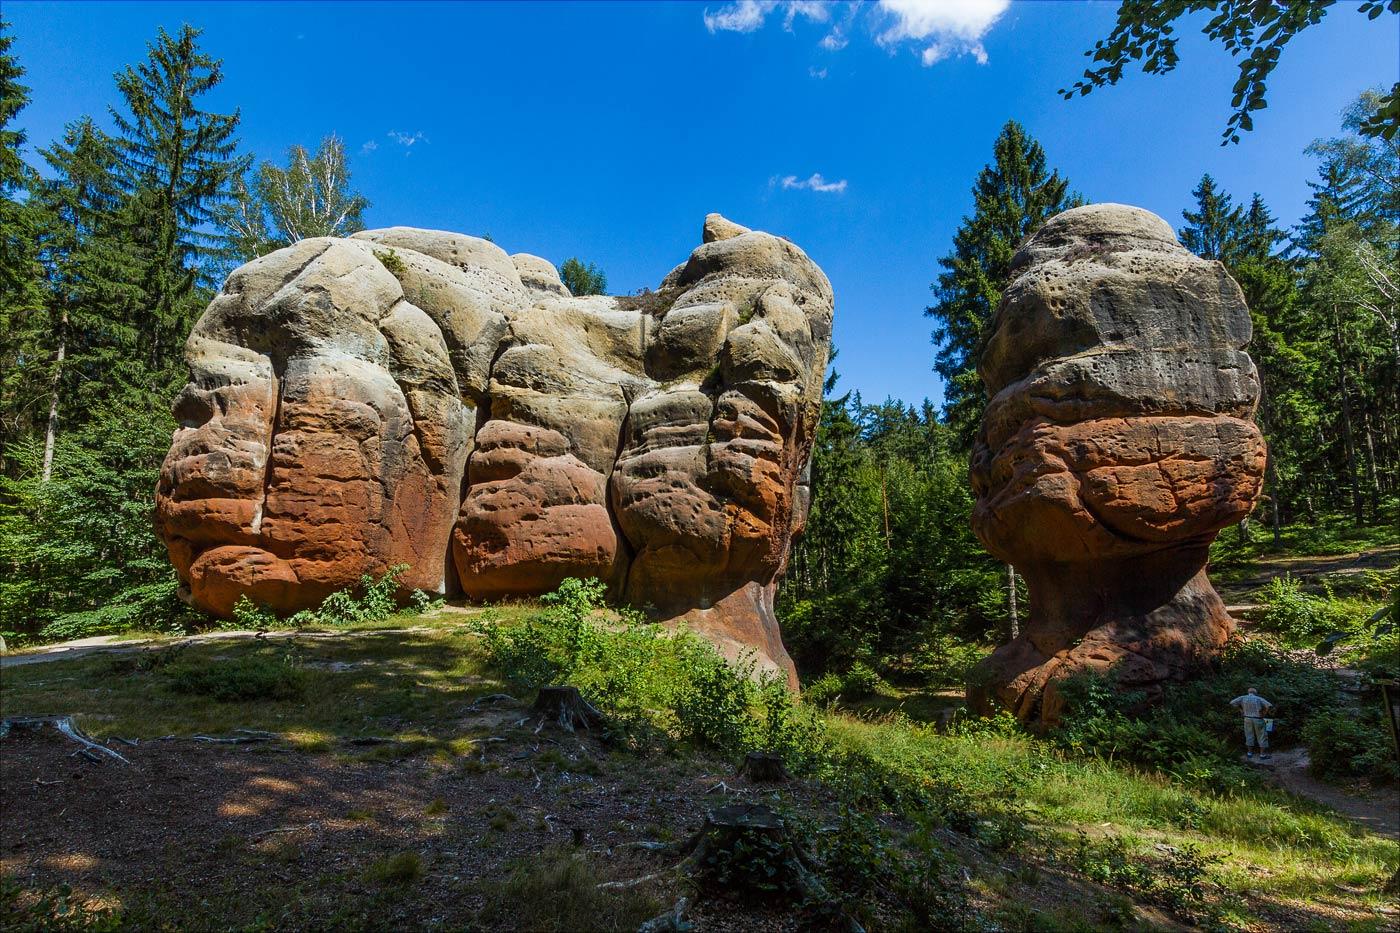 Каменные столбы возле курорта Ойбин в Саксонии